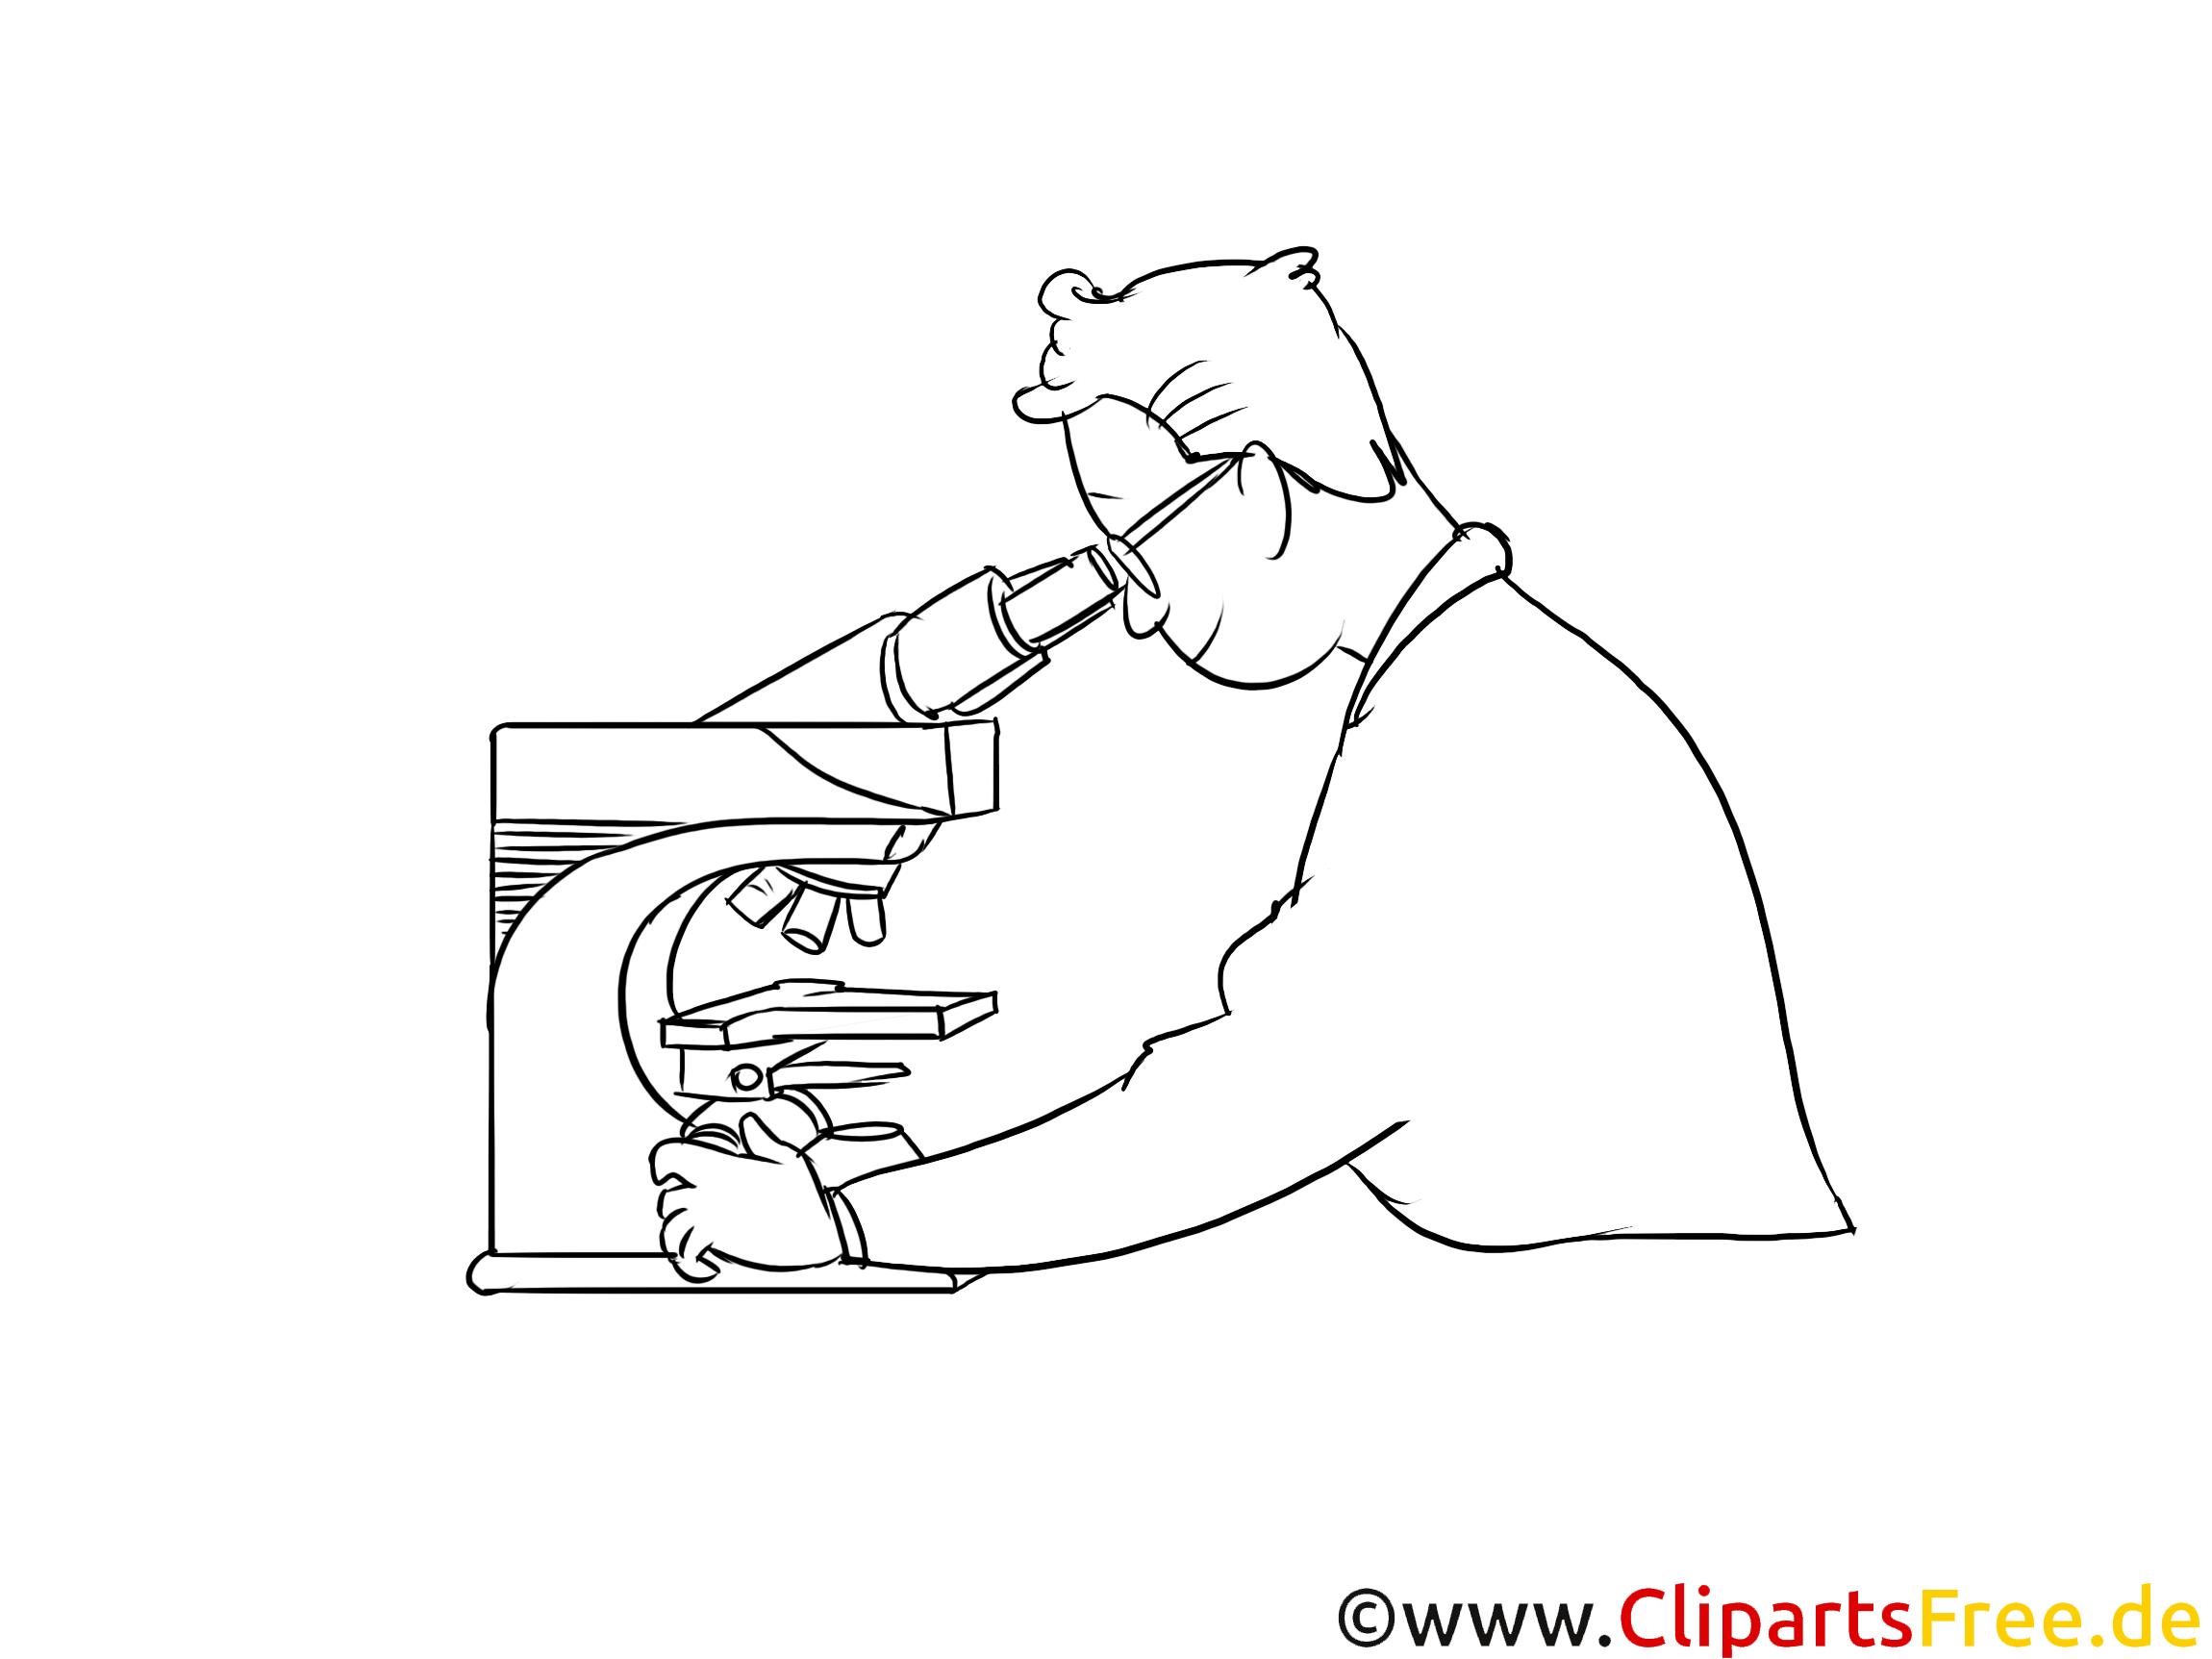 Werkstoffprüfer schwarz-weiße Cliparts, Bilder, Grafiken